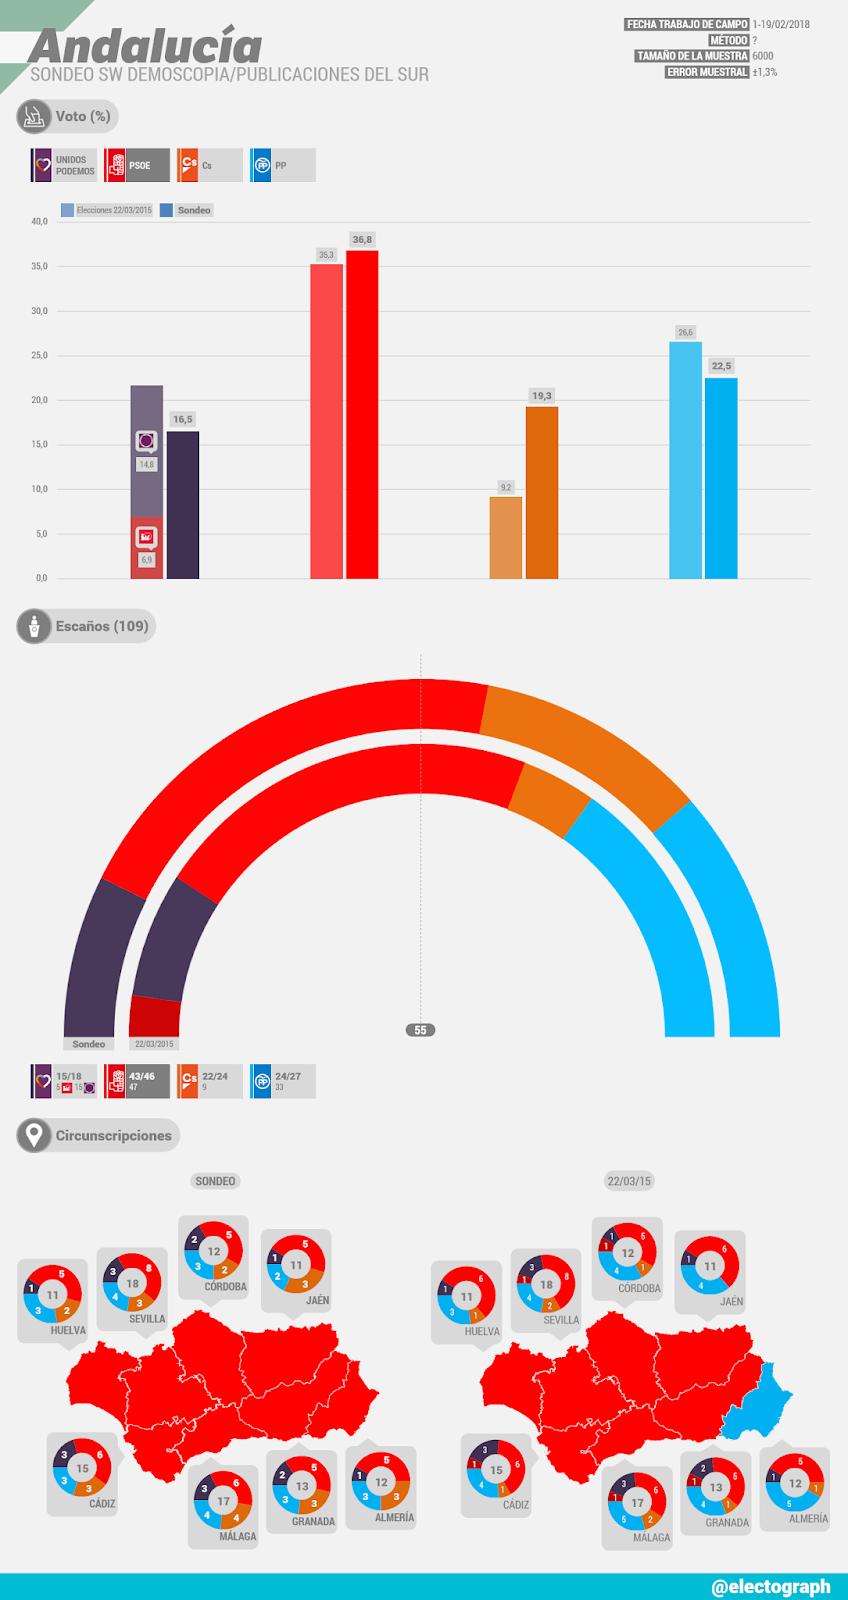 Gráfico de la encuesta para elecciones autonómicas en Andalucía realizada por SW Demoscopia para Publicaciones del Sur en febrero de 2018